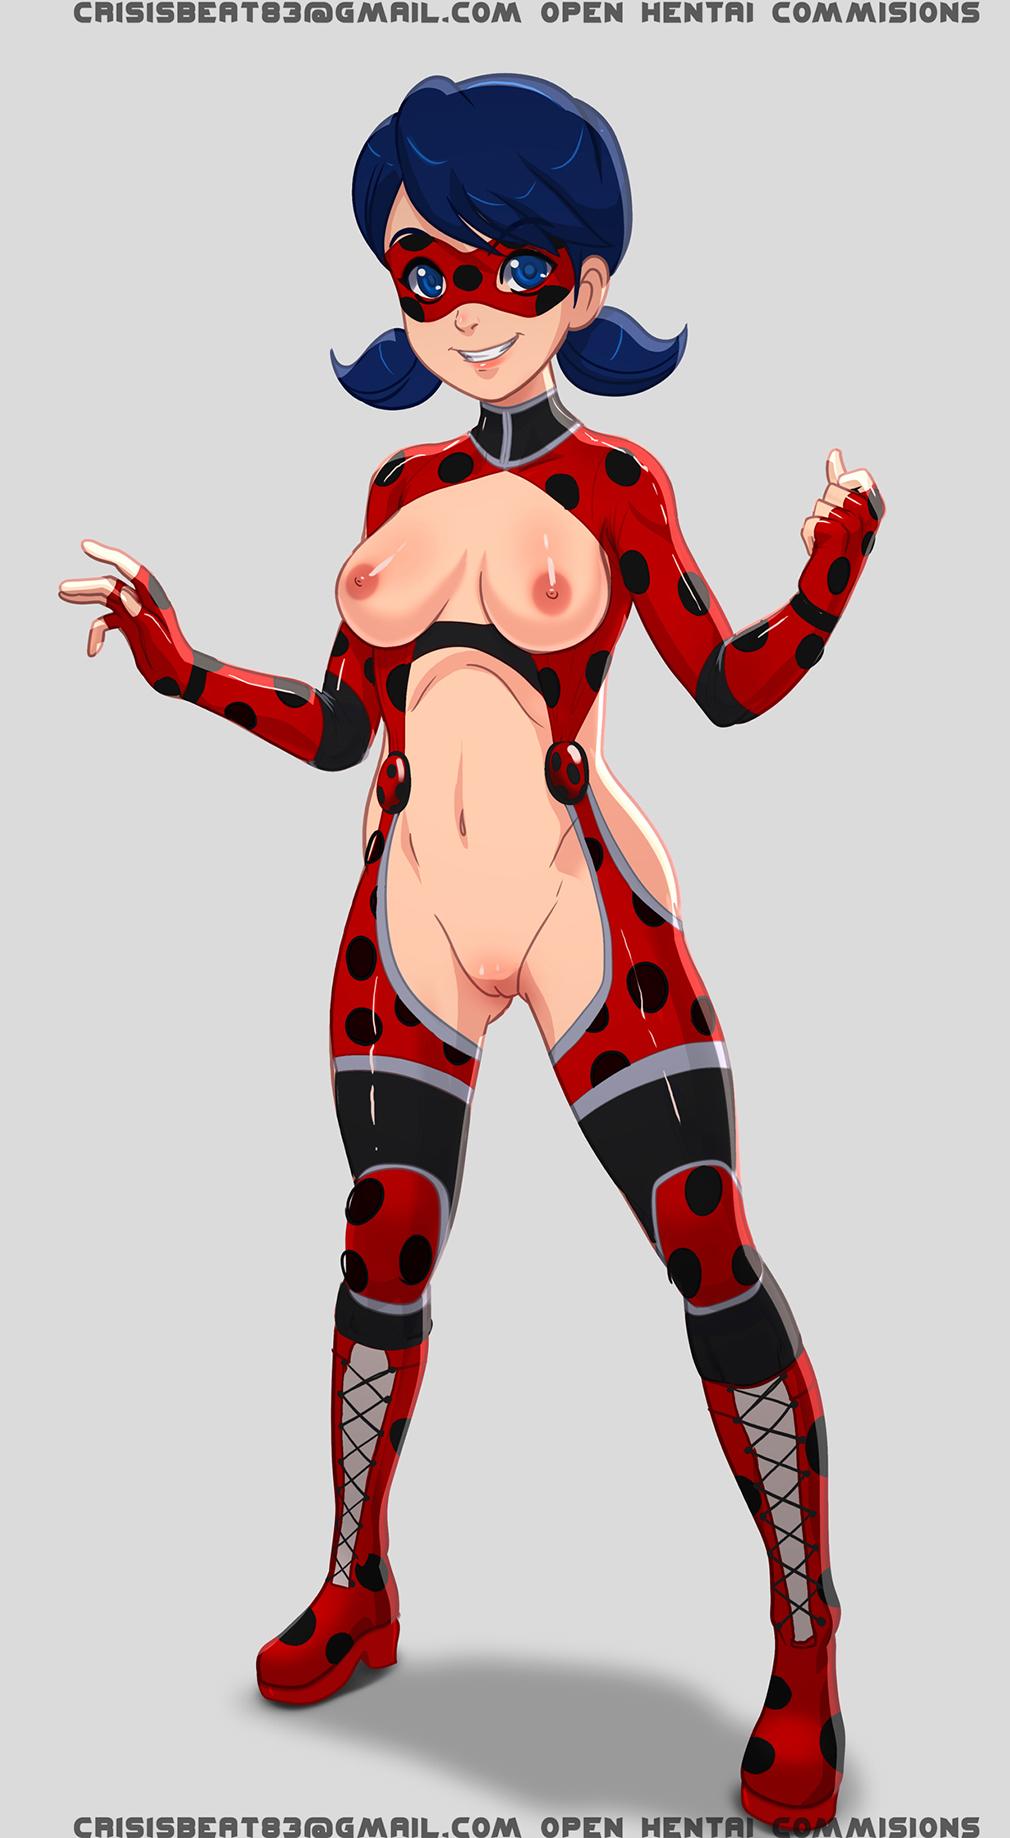 1991405_-_crisisbeat_marinette_cheng_miraculous_ladybug